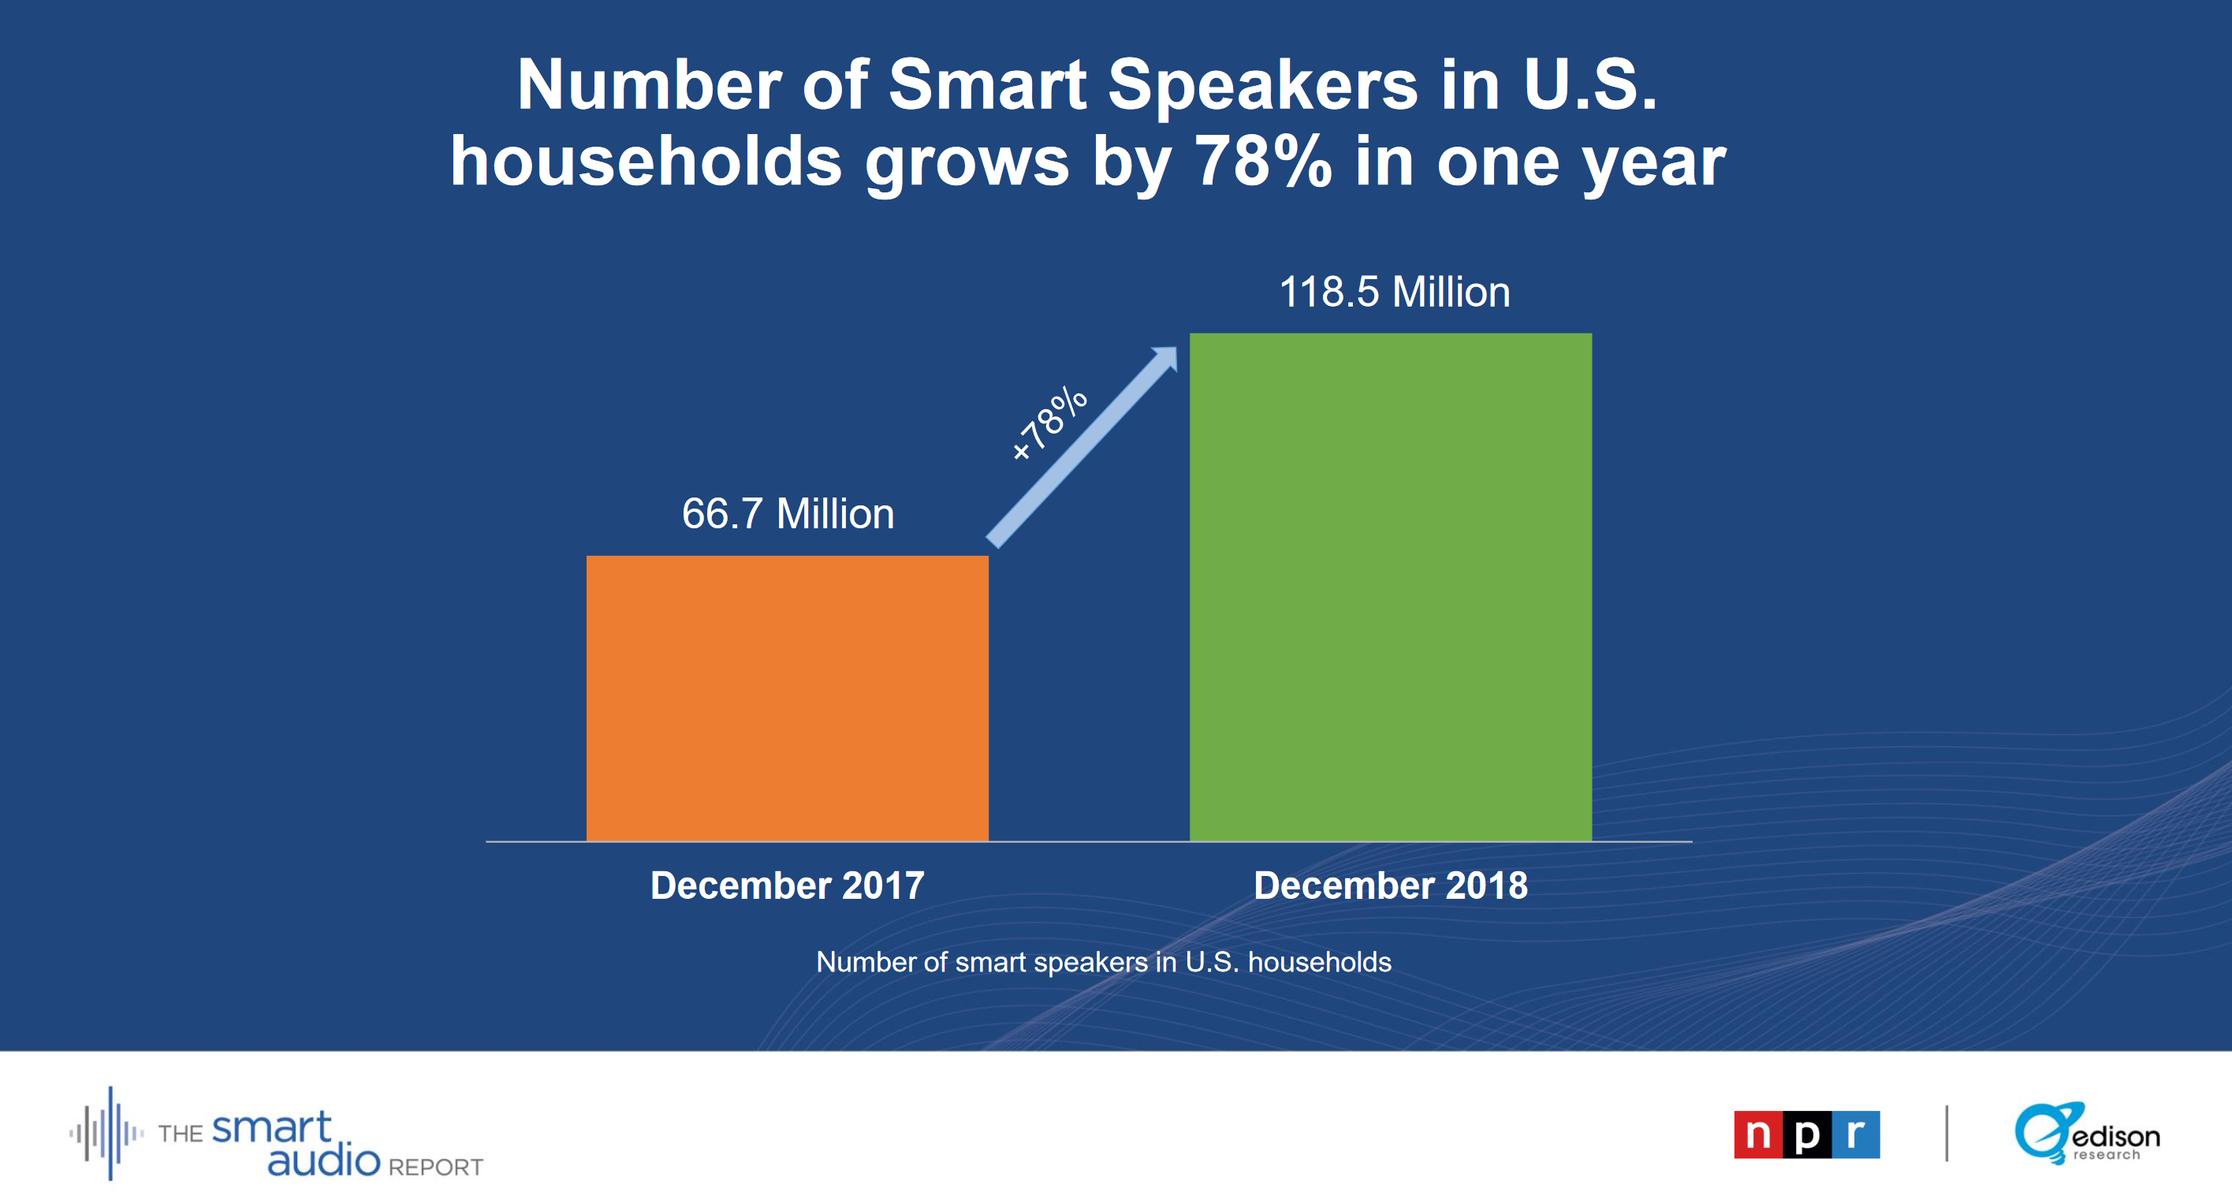 The Smart Audio Report von NPR und Edison Research